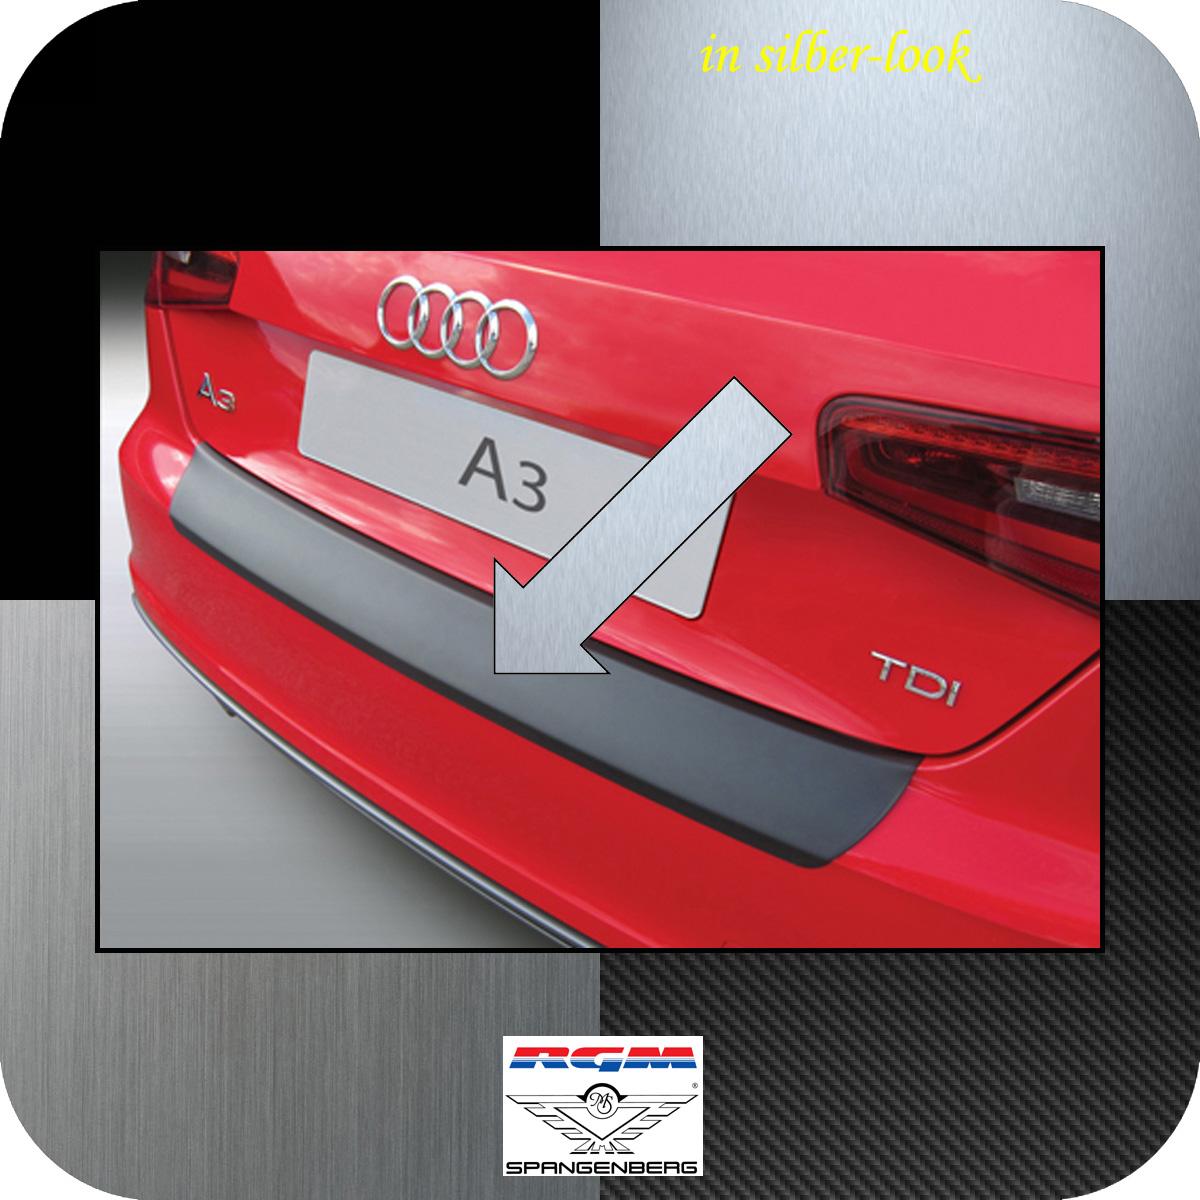 Ladekantenschutz Silber-Look Audi A3 auch S3 Schrägheck 3-Türer 2012-17 3506899